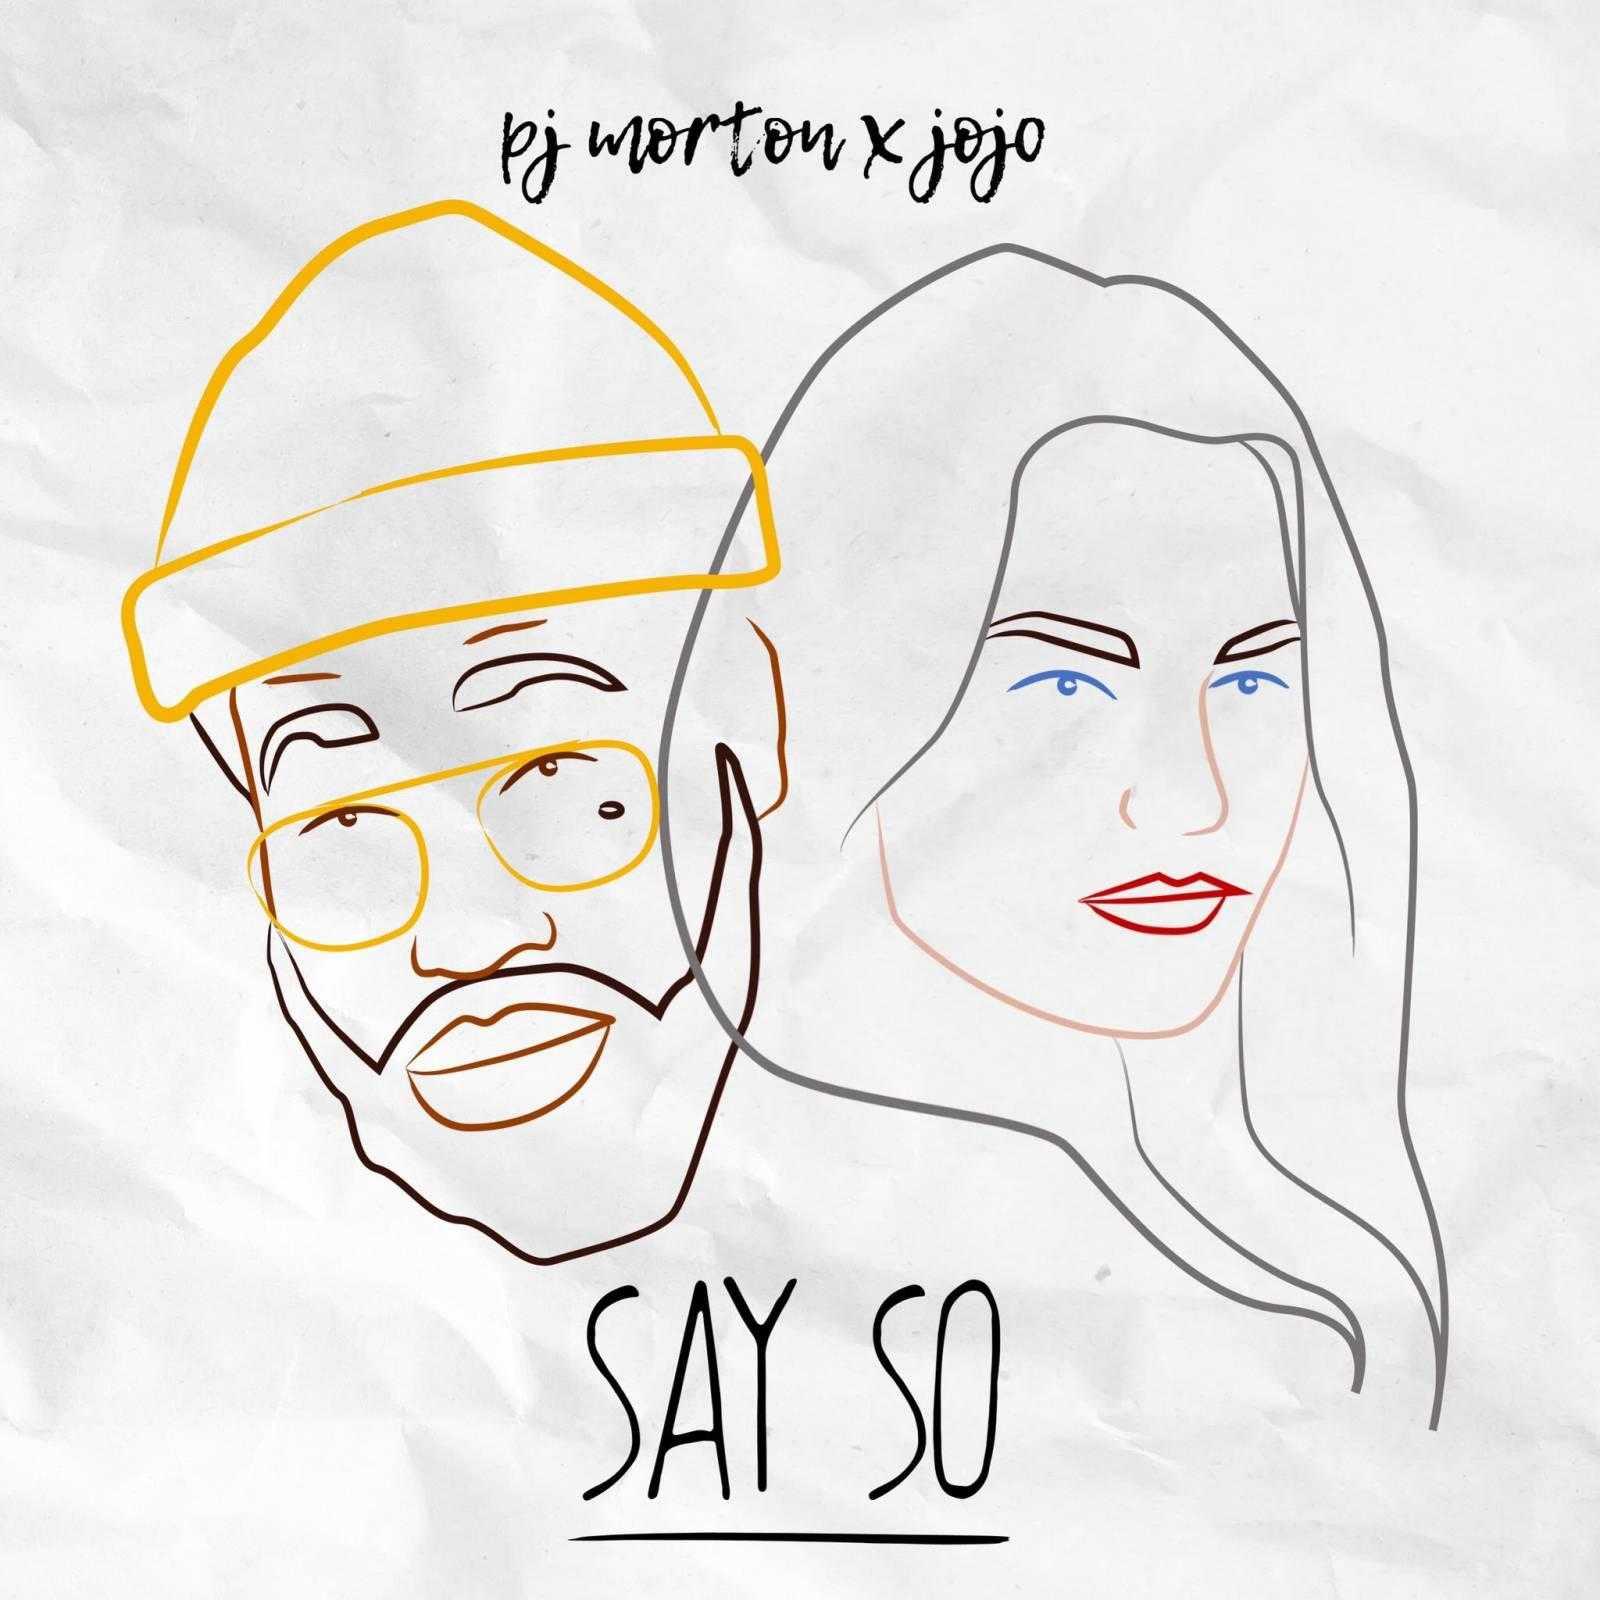 New Single: PJ Morton – Say So (feat. JoJo) [Audio]